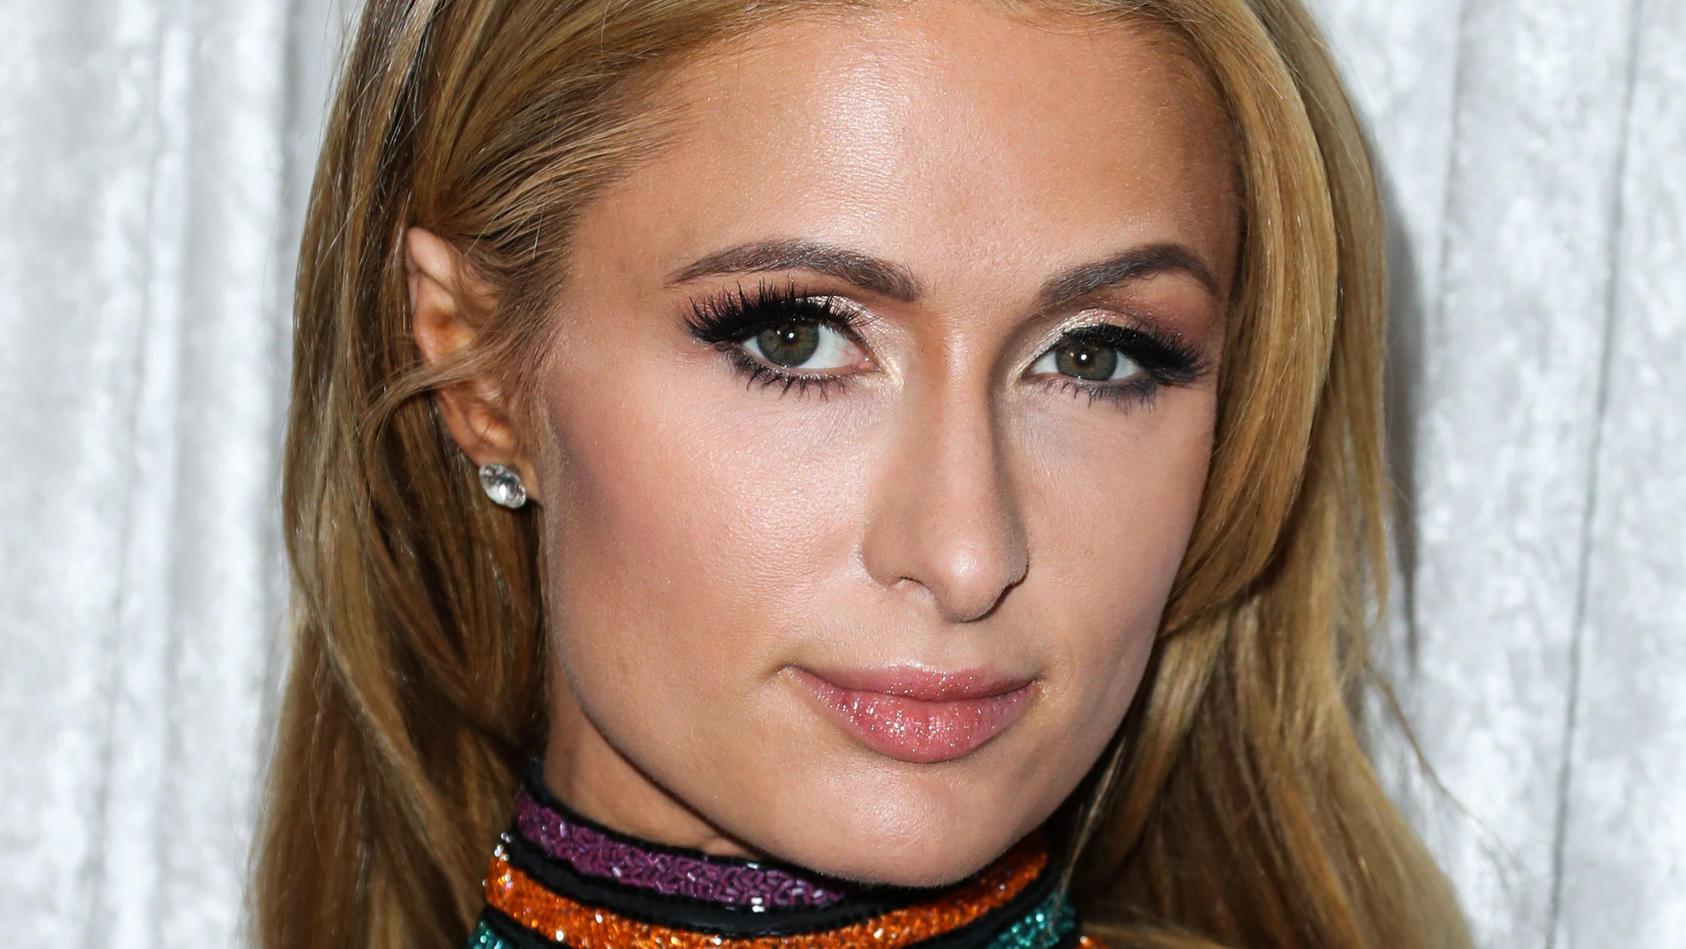 Top gestylt, meistens lächelnd und mit einer hohen Stimme: So kennt die Welt Paris Hilton. Doch dieses It-Girl hat Paris aus einem traurigen Grund erschaffen.